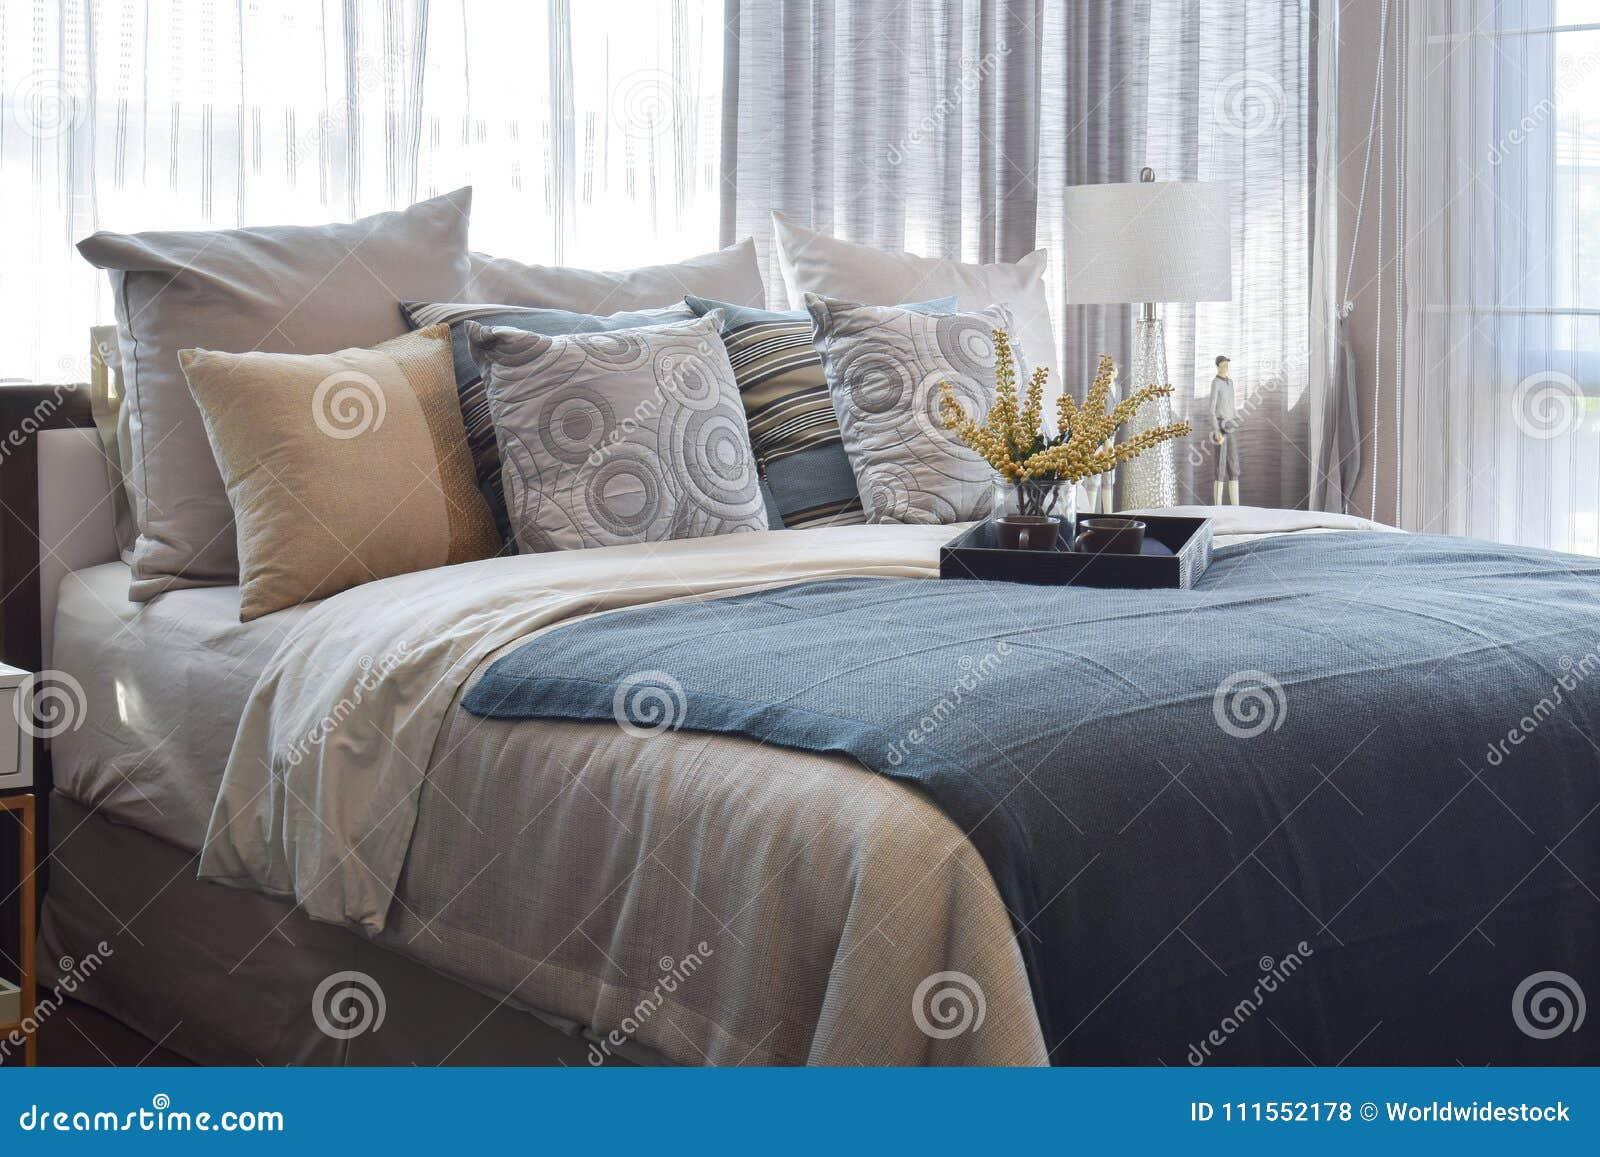 Quarto luxuoso com descansos listrados e grupo de chá decorativo na cama